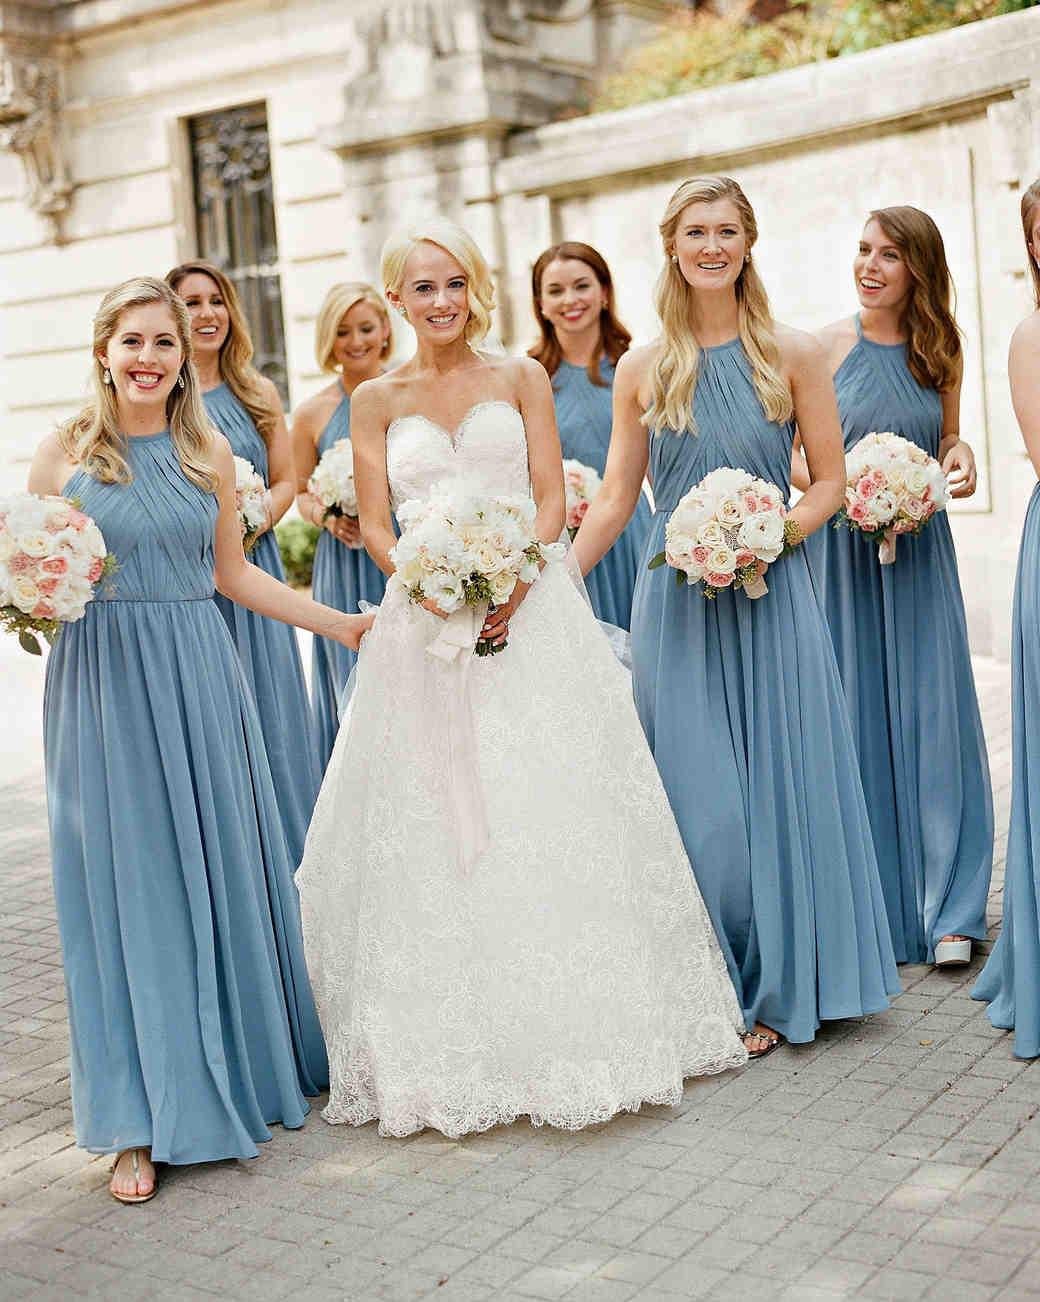 washington dc wedding bridesmaids wearing blue